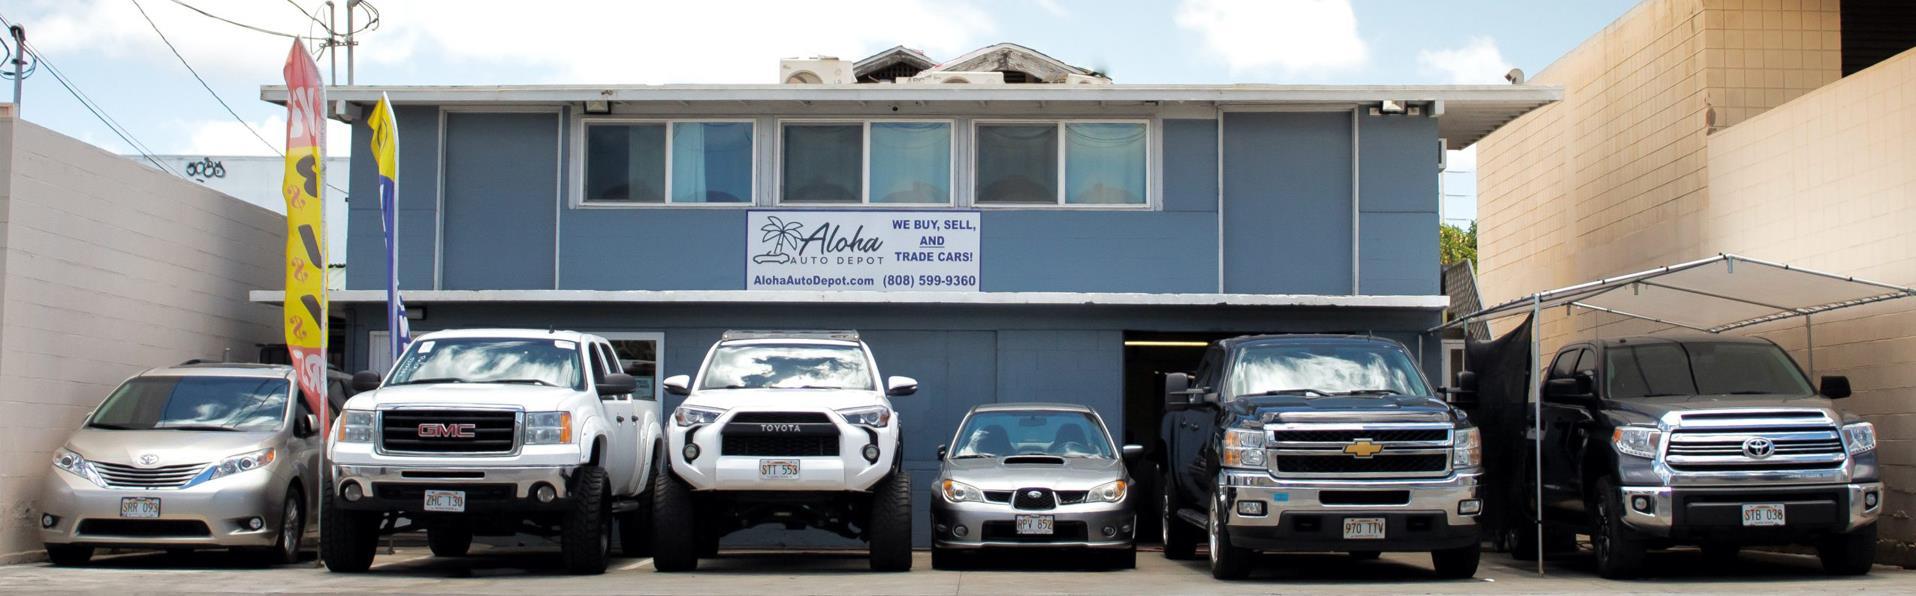 Used Cars Honolulu Hi Used Cars Trucks Hi Aloha Auto Depot